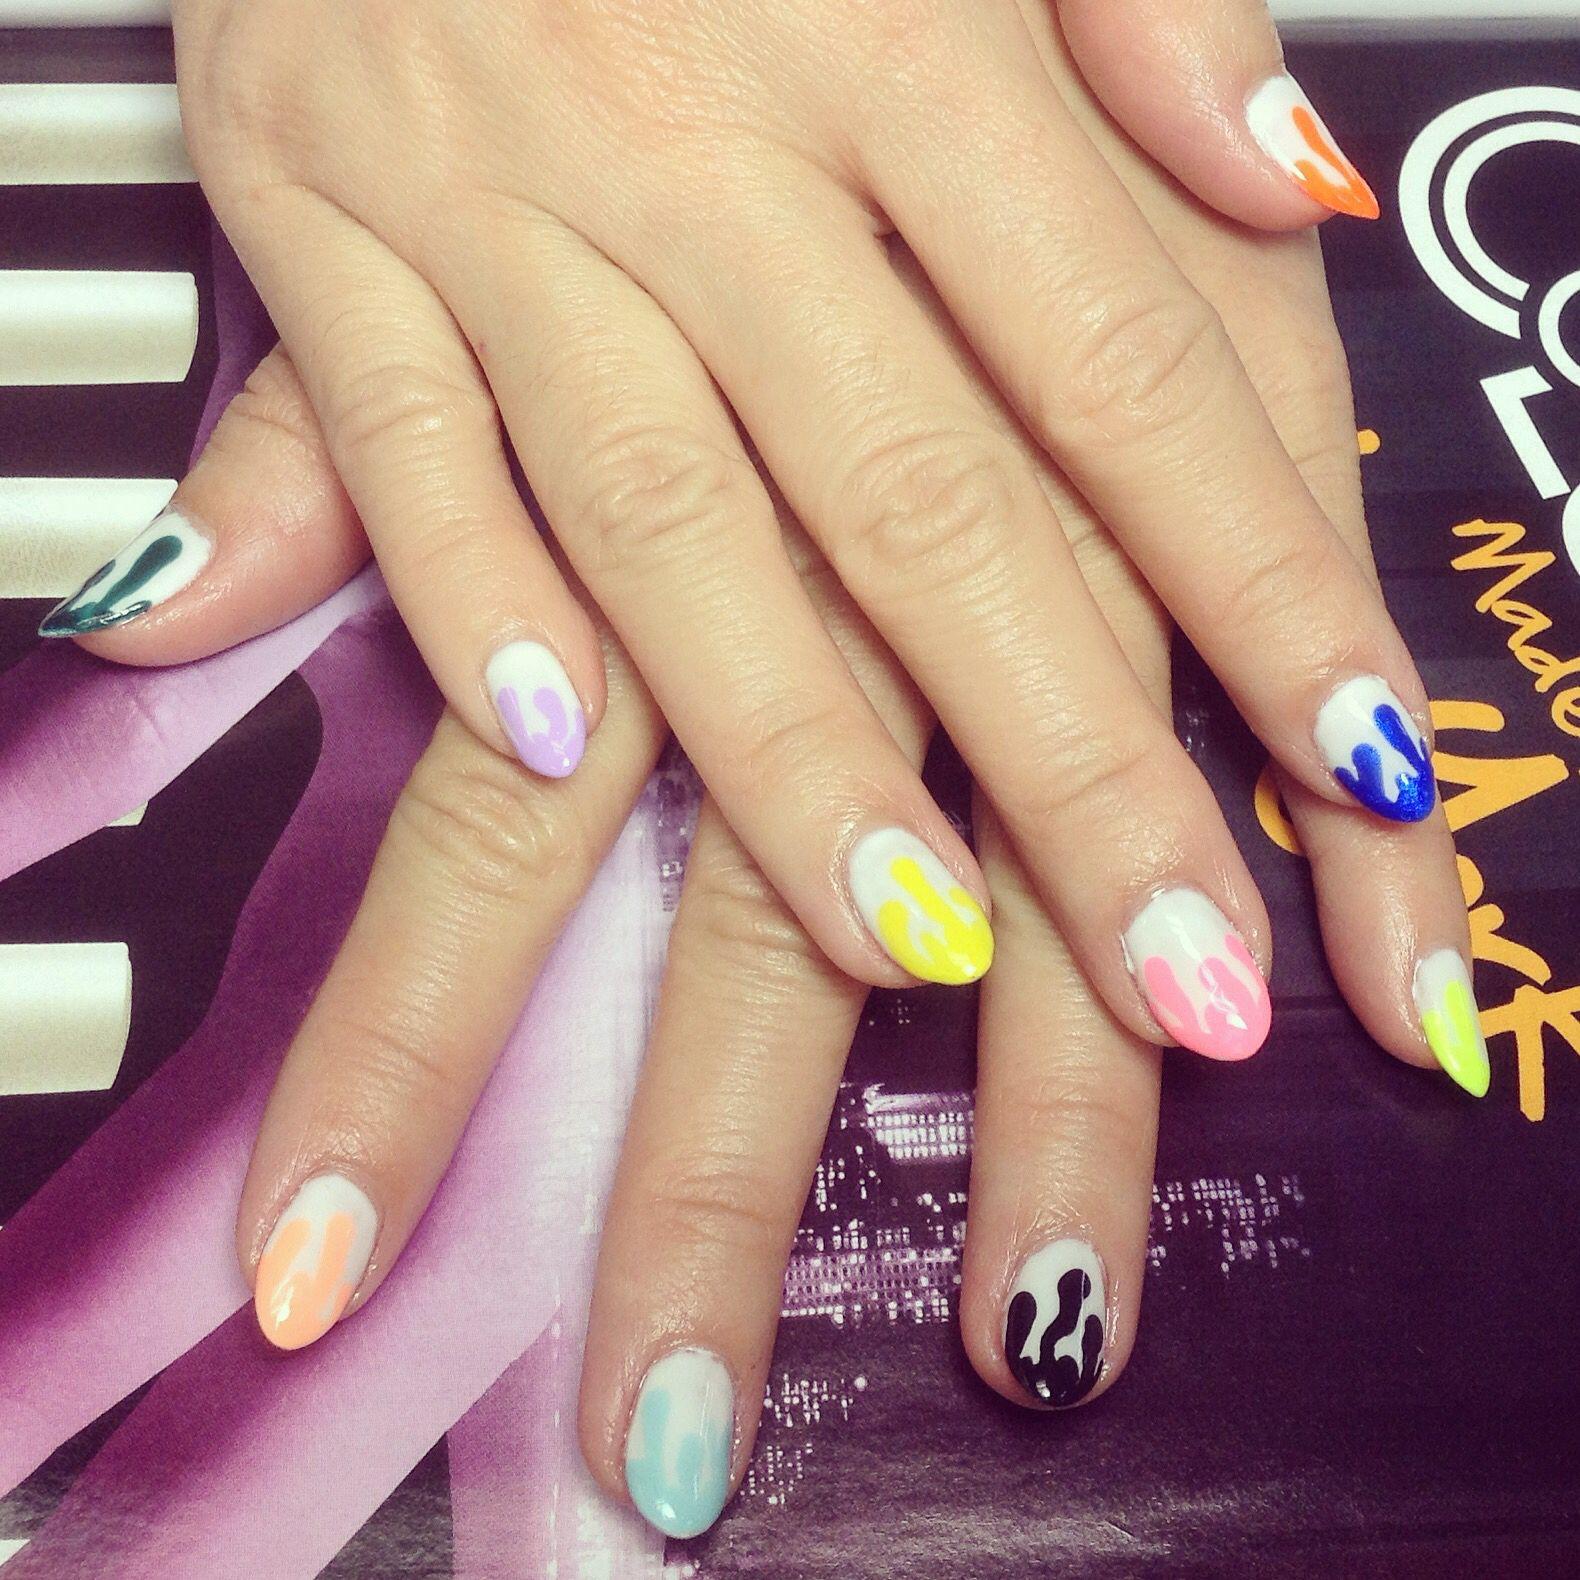 Get this look at DaVi Nails at Walmart Auburndale Florida. | Nails ...